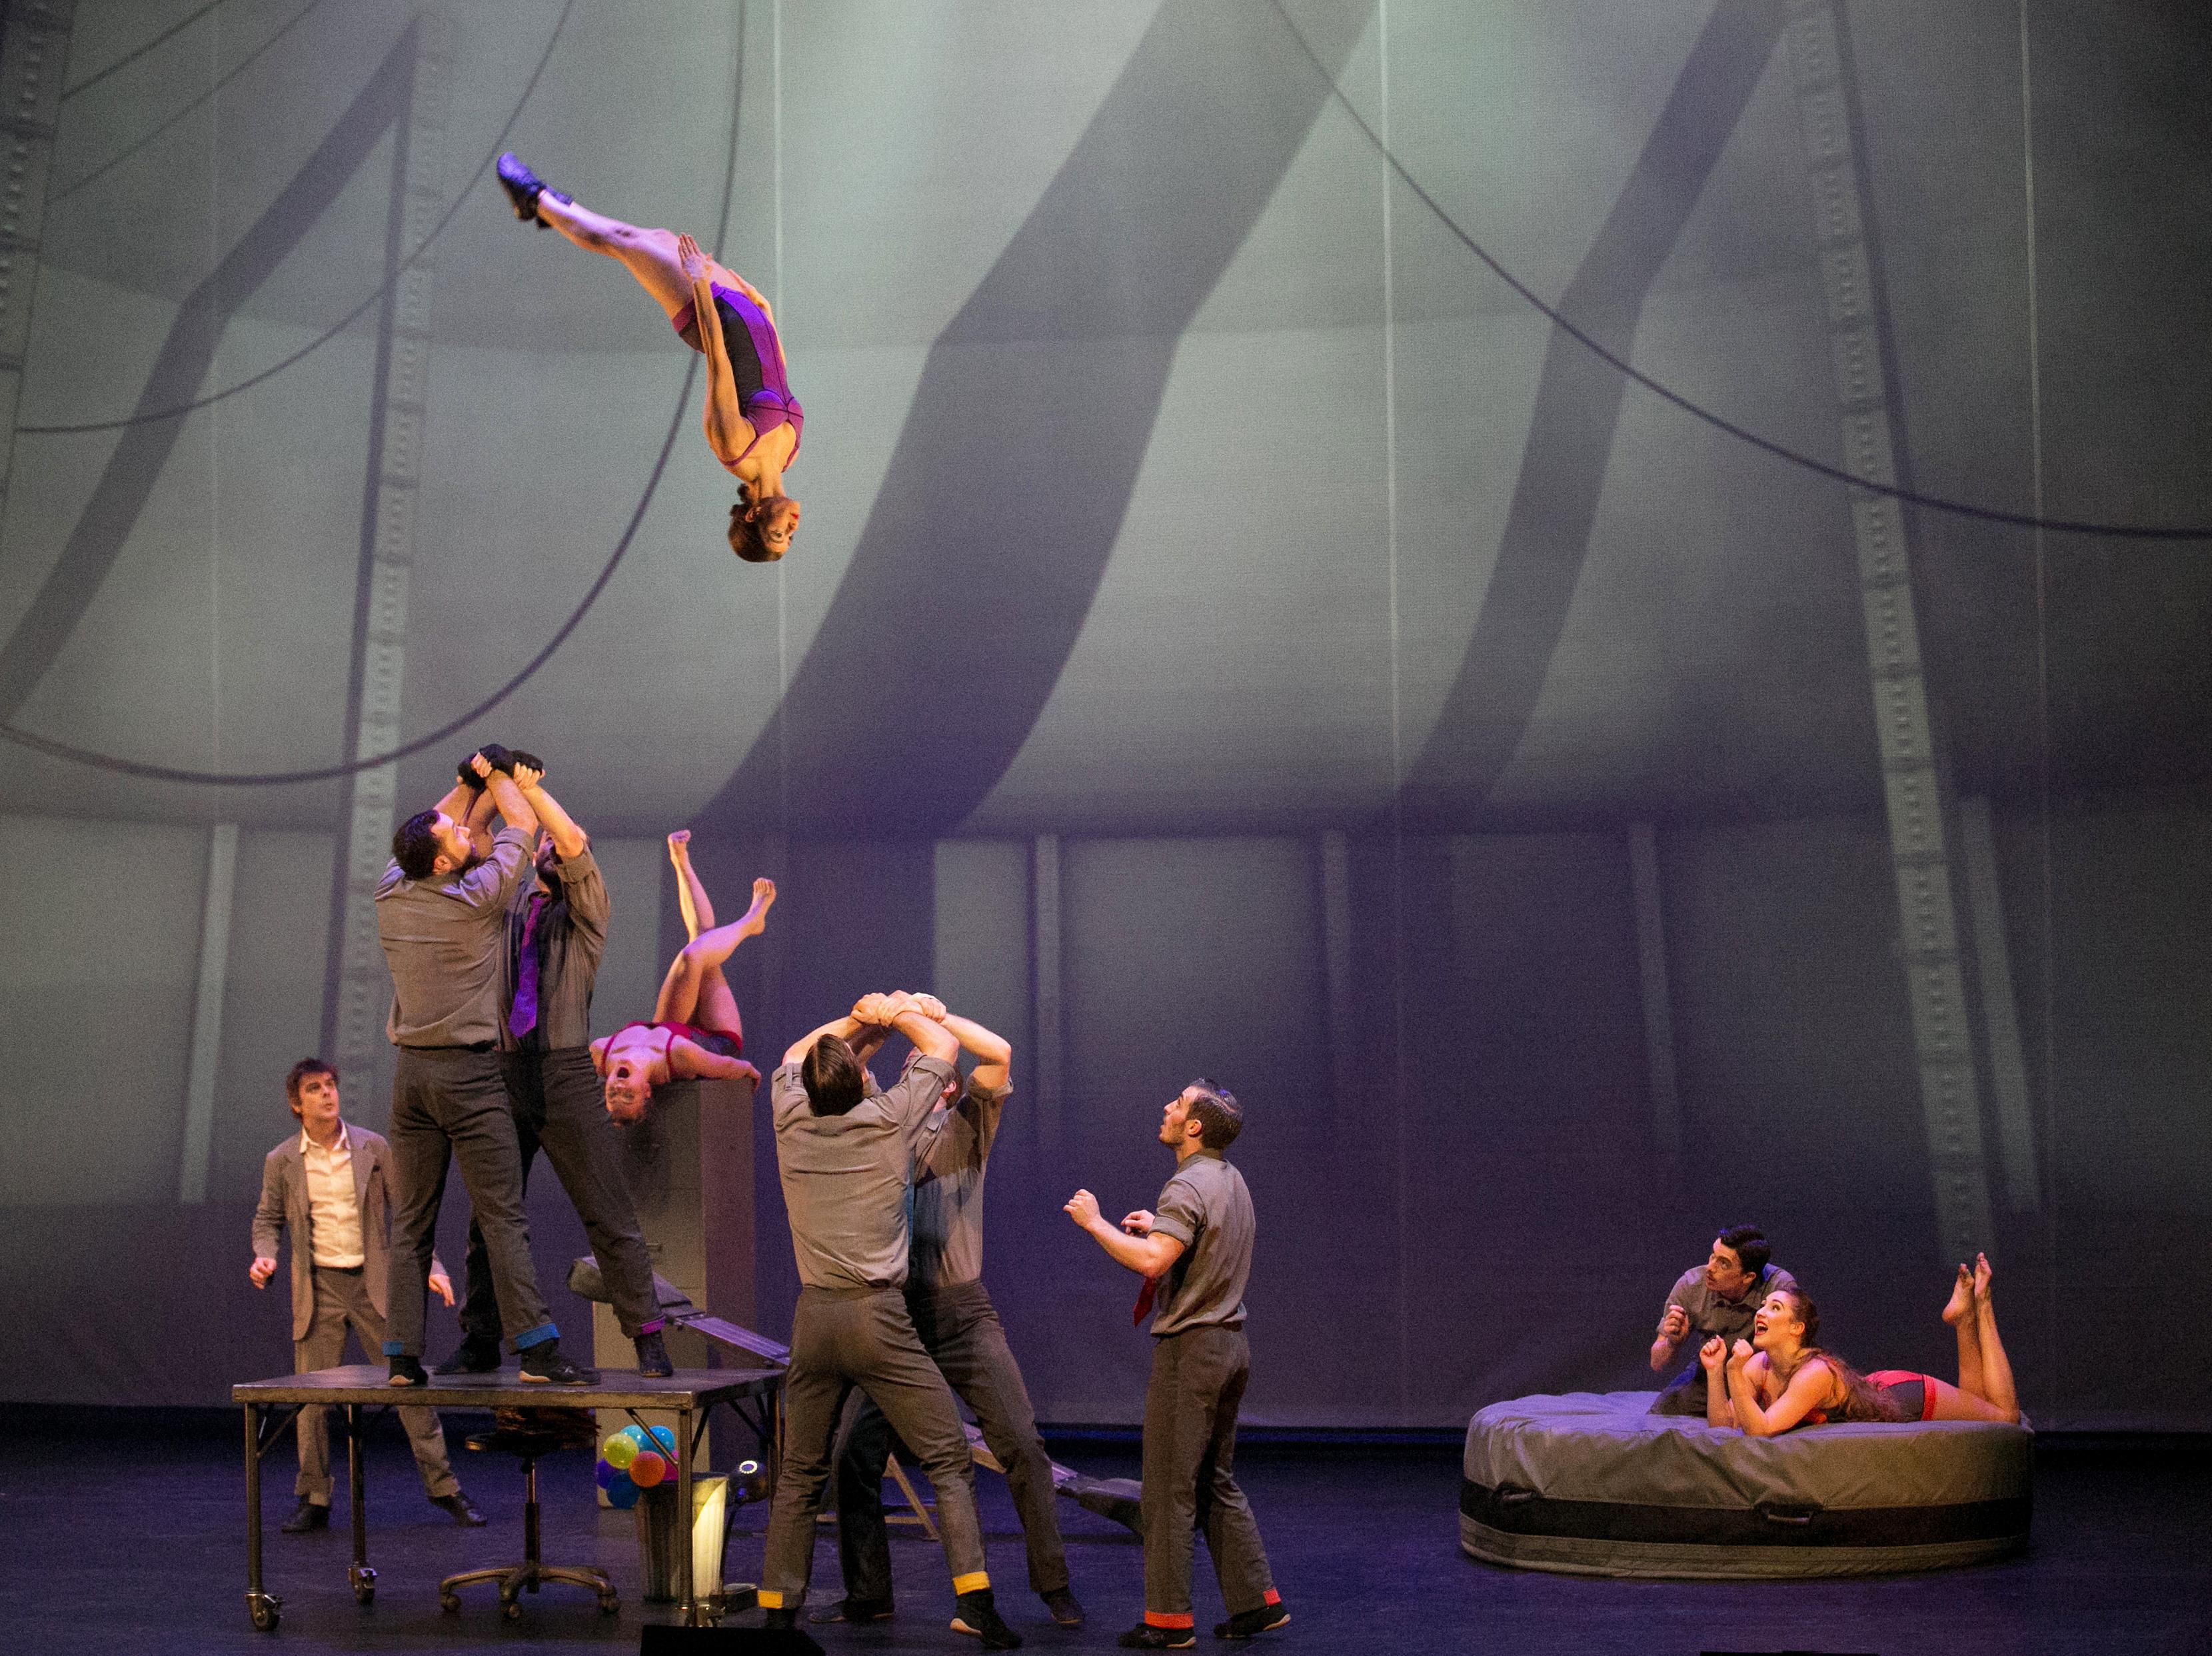 Cirkopolis Cirque Eloize